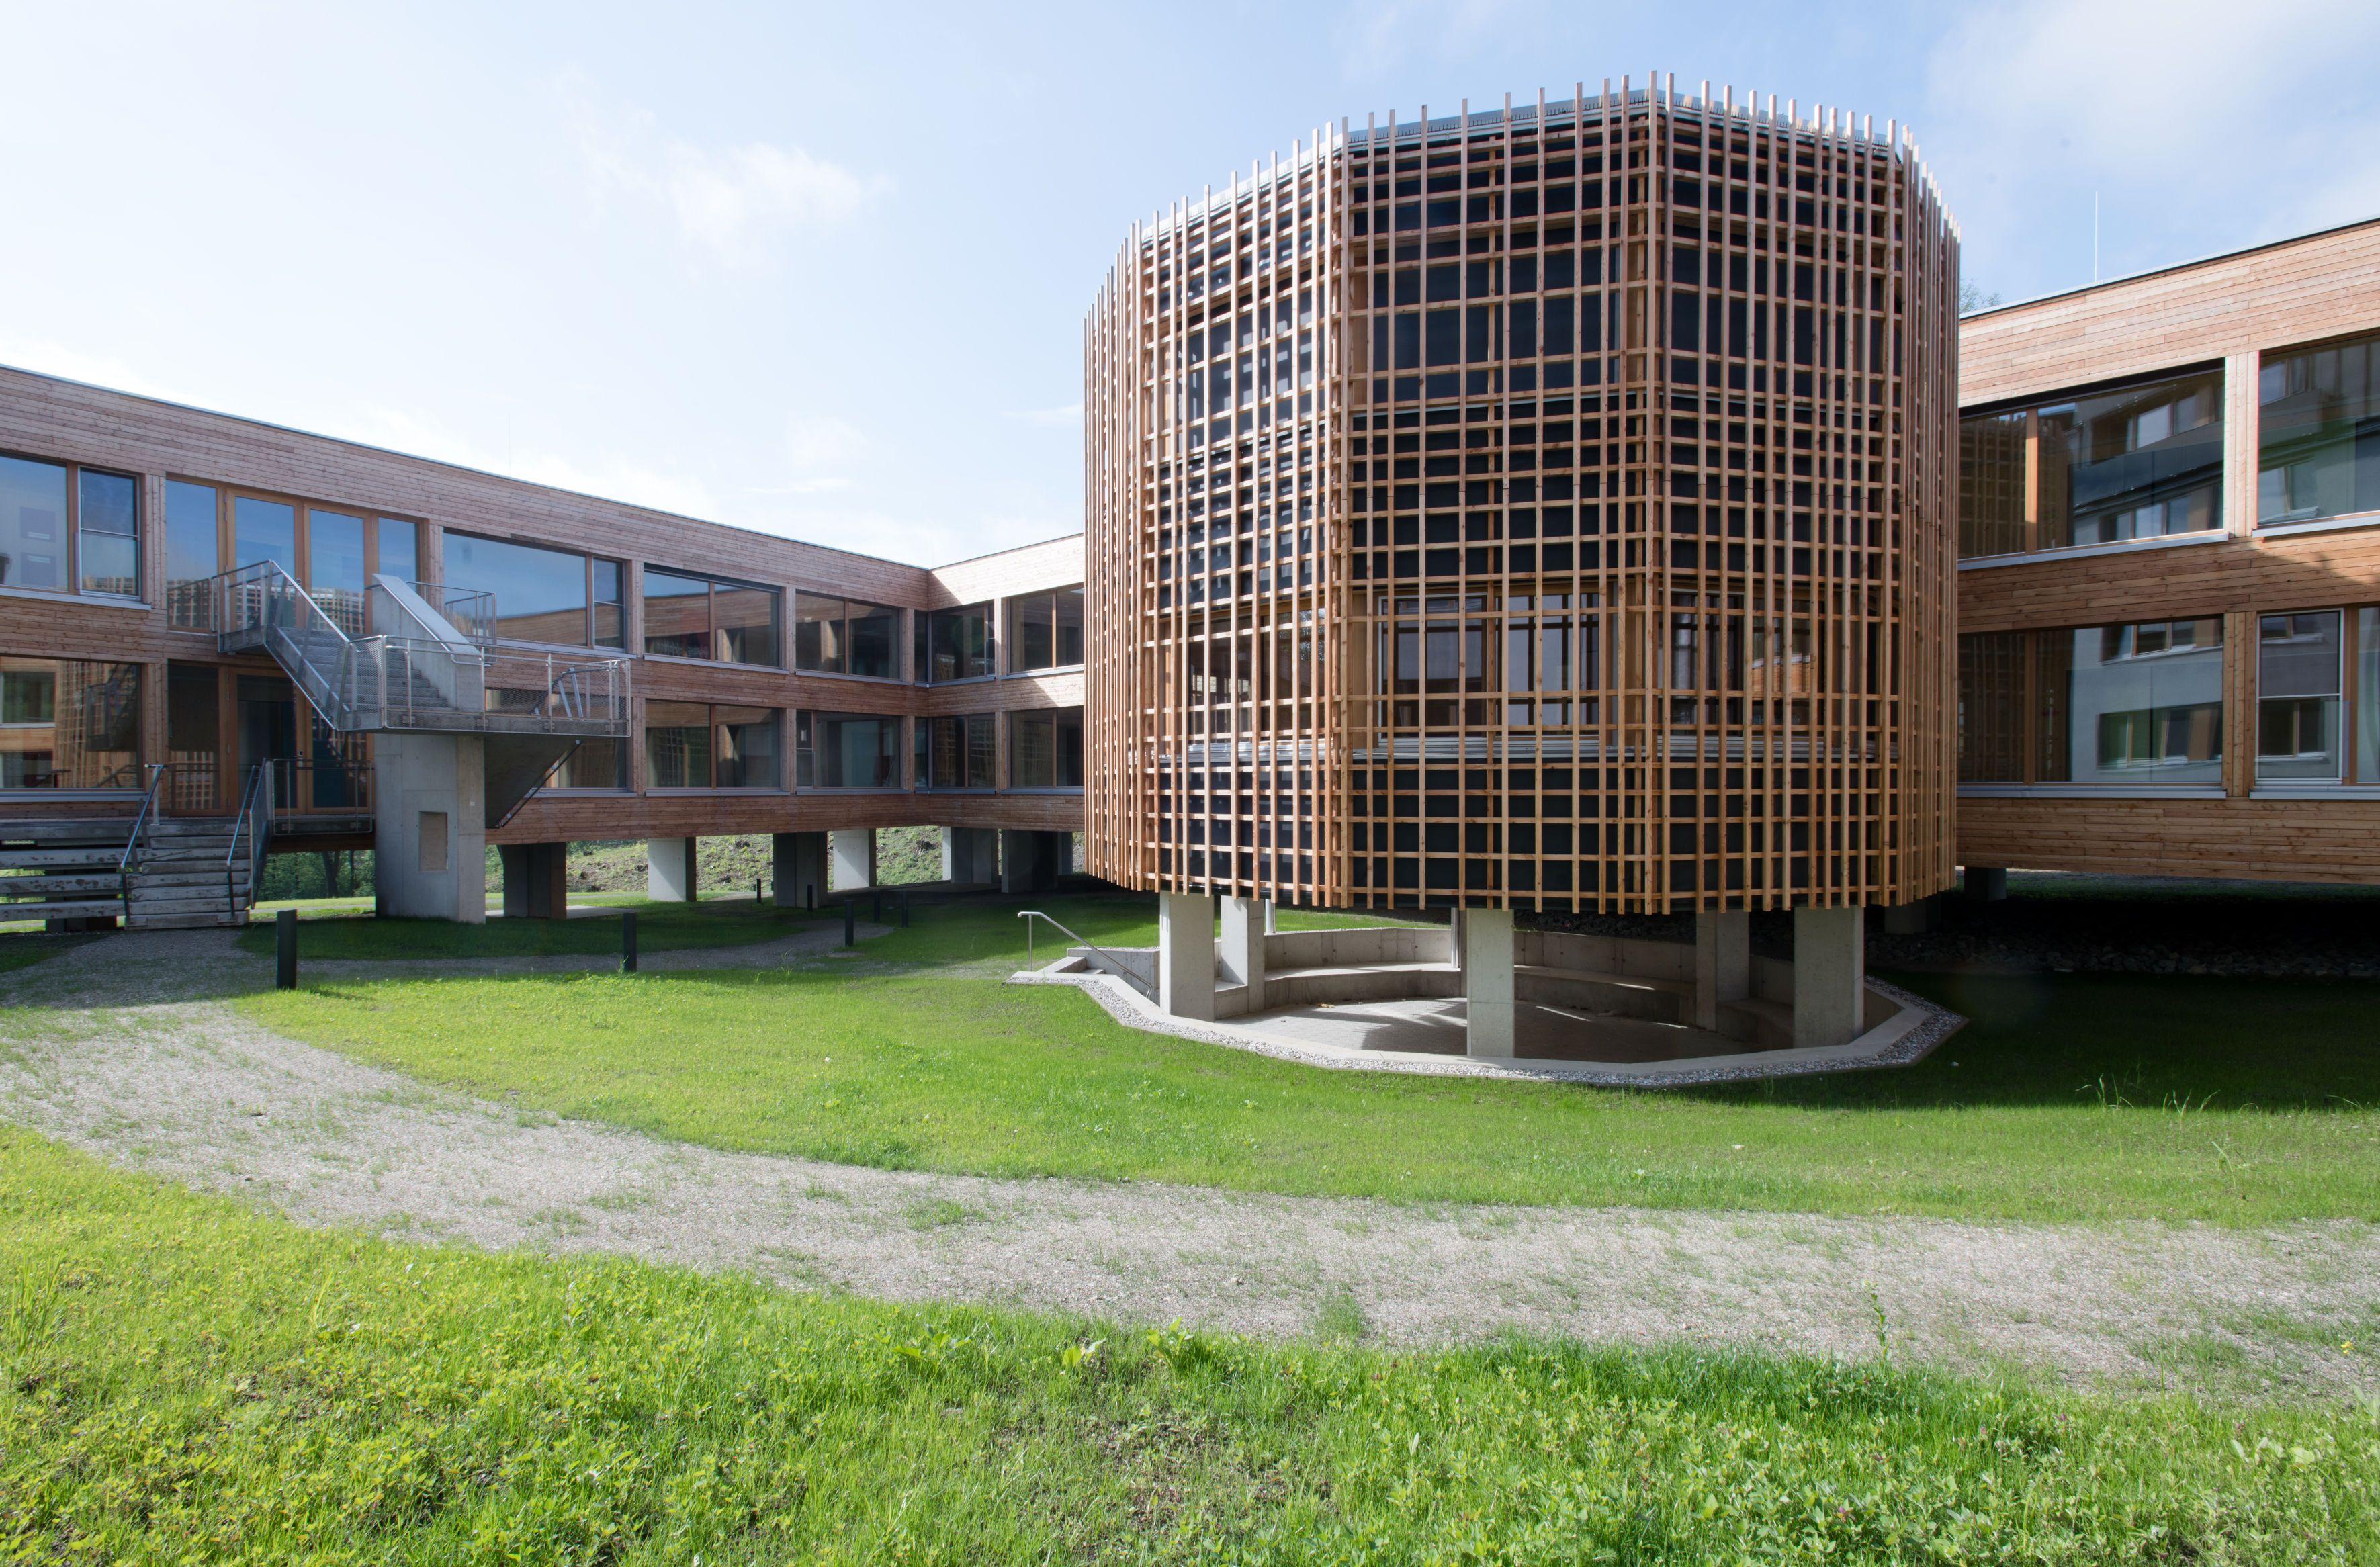 Das Innovationszentrum des Handeslunternehmers Hofer in Eberstalzell.